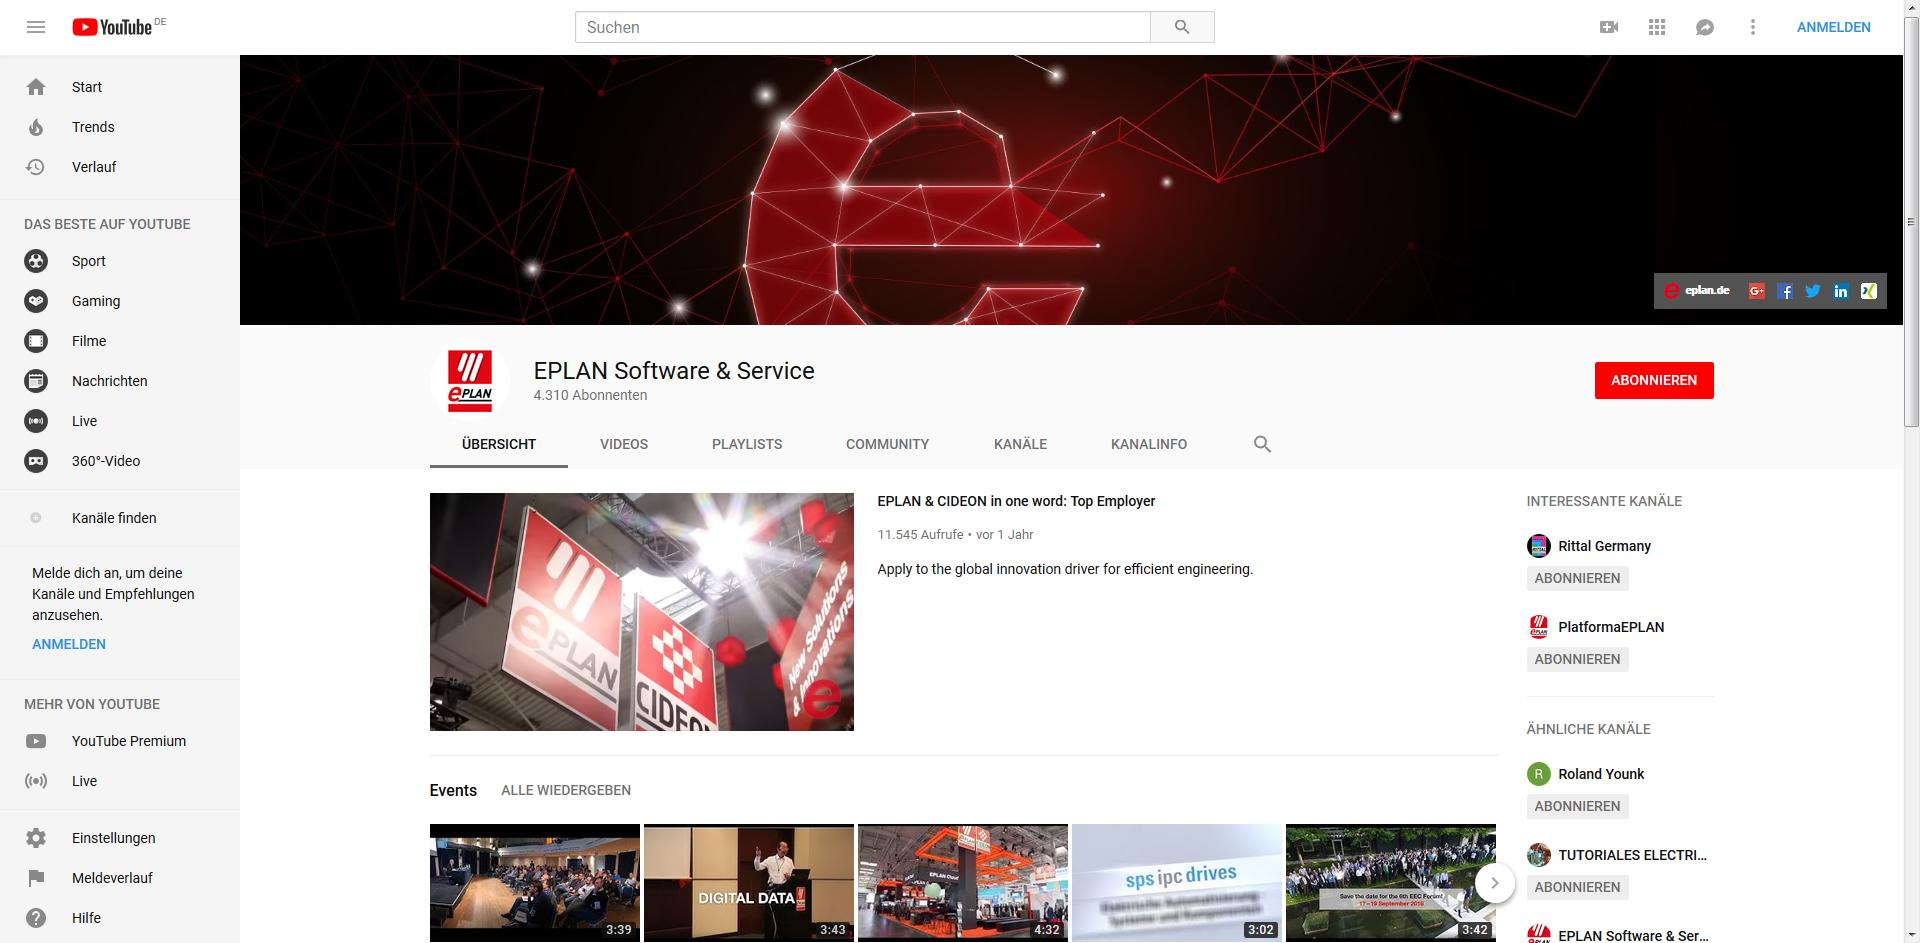 EPLAN YouTube